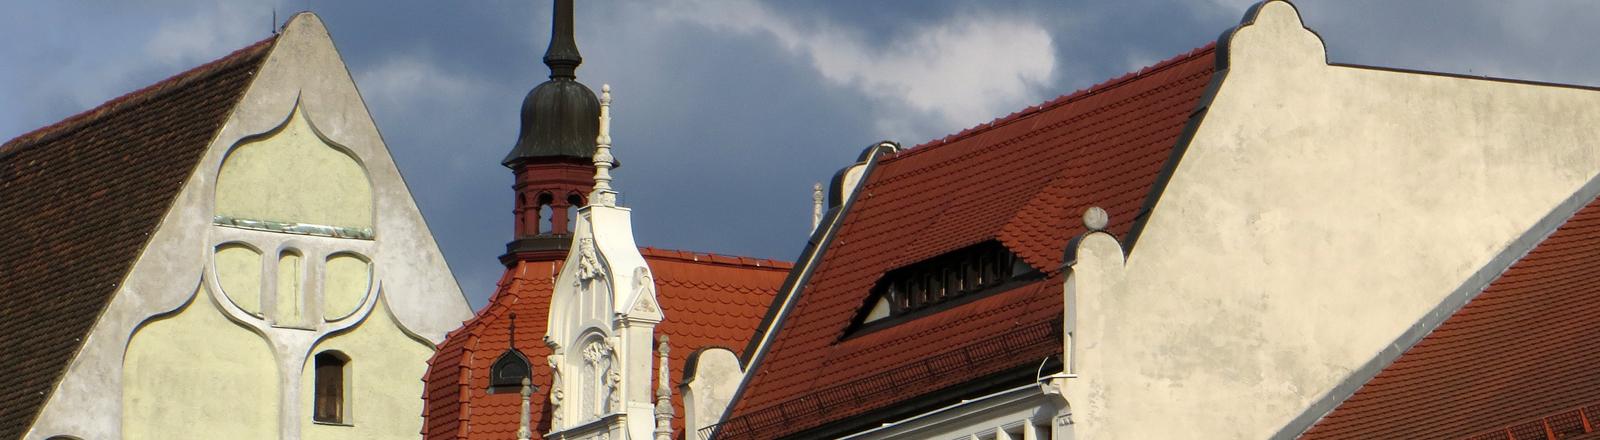 Fassaden von Häusern in Görlitz